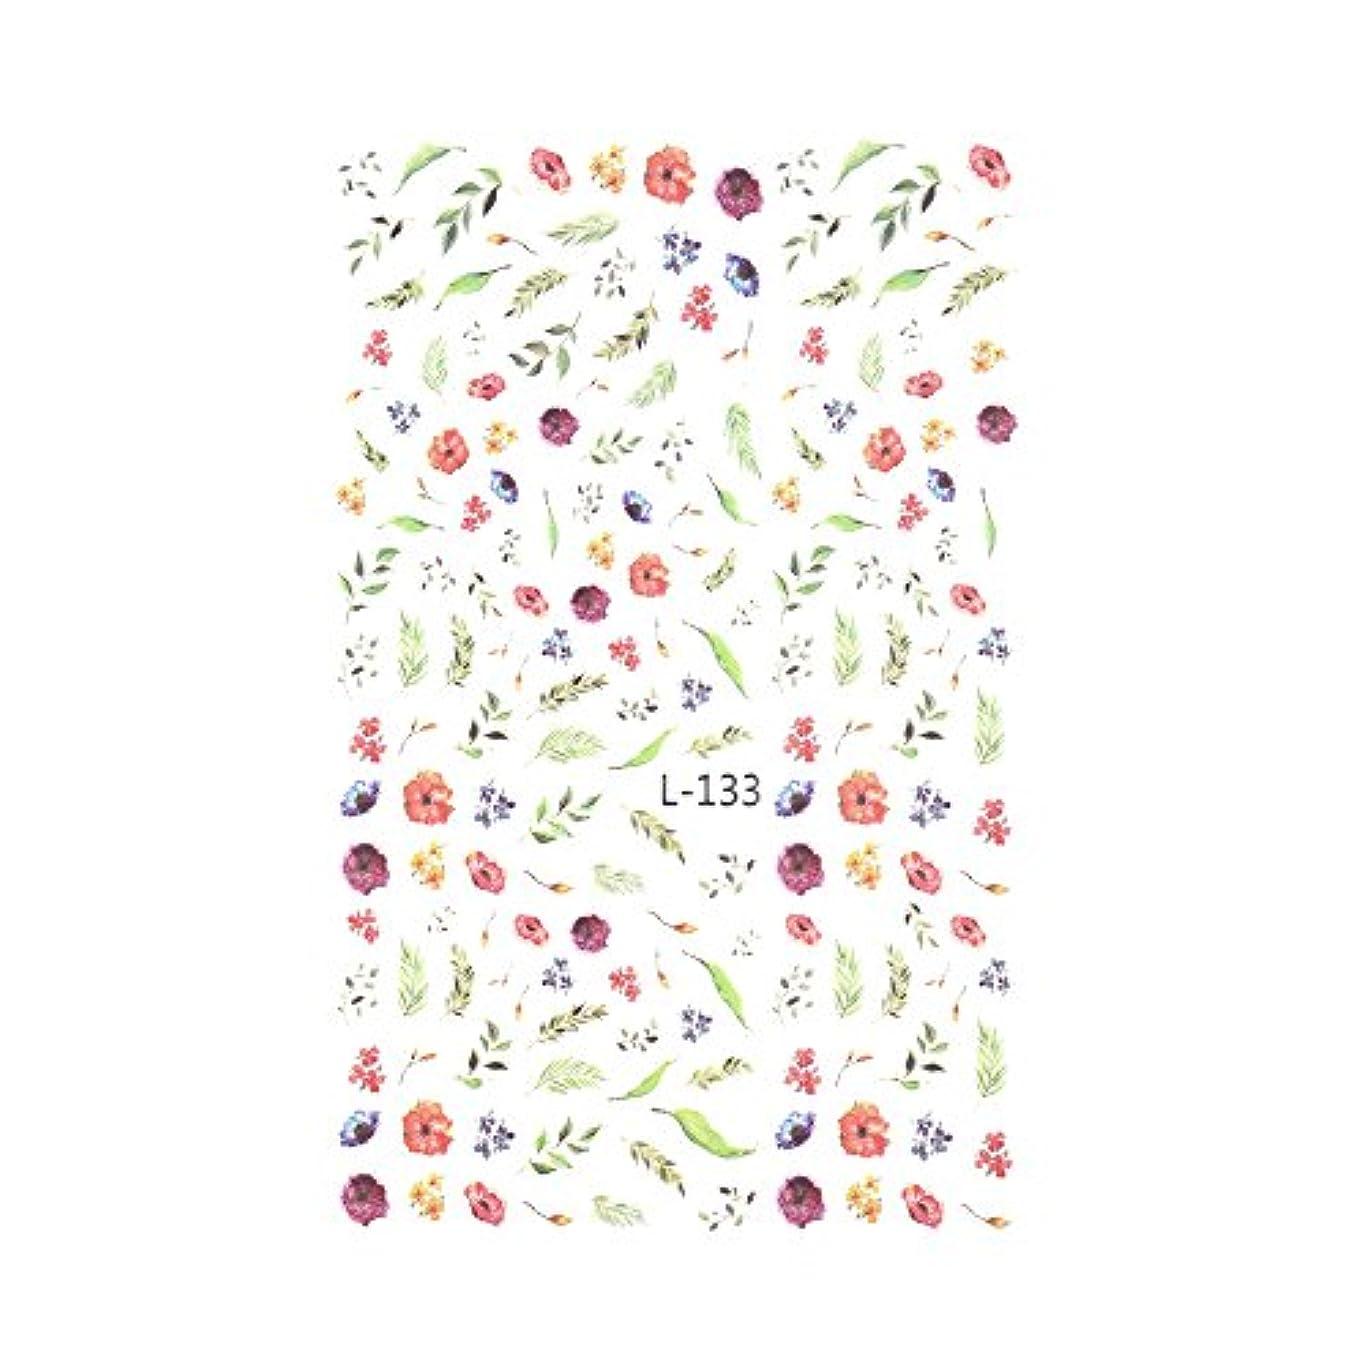 驚き狂信者憂鬱【L-133】ヴィンテージボタニカルシール 花 フラワー ネイルシール